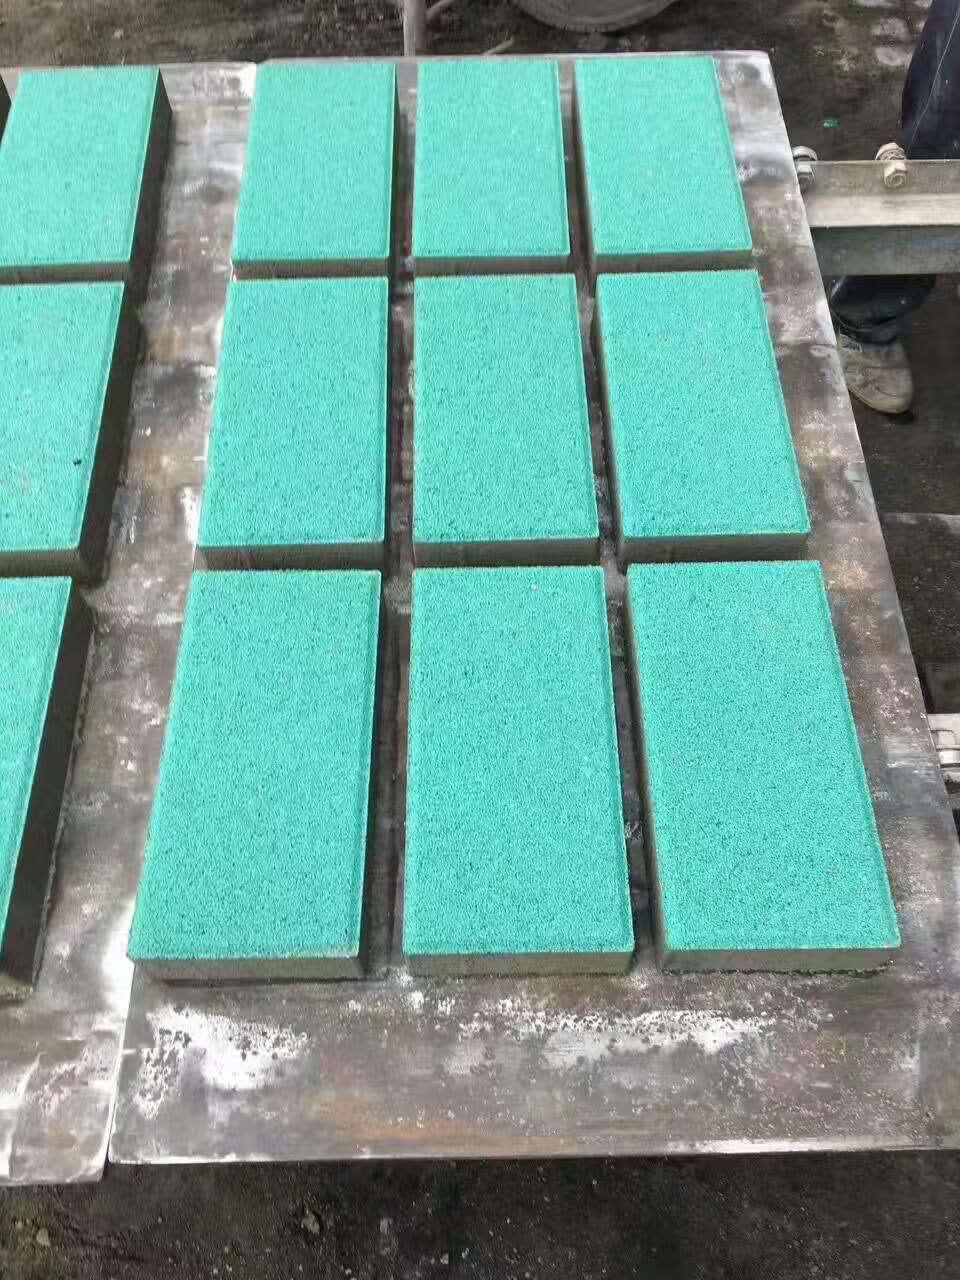 渗水砖/渗水砖批发/渗水砖价格/北京宏尔斯建材有限责任公司